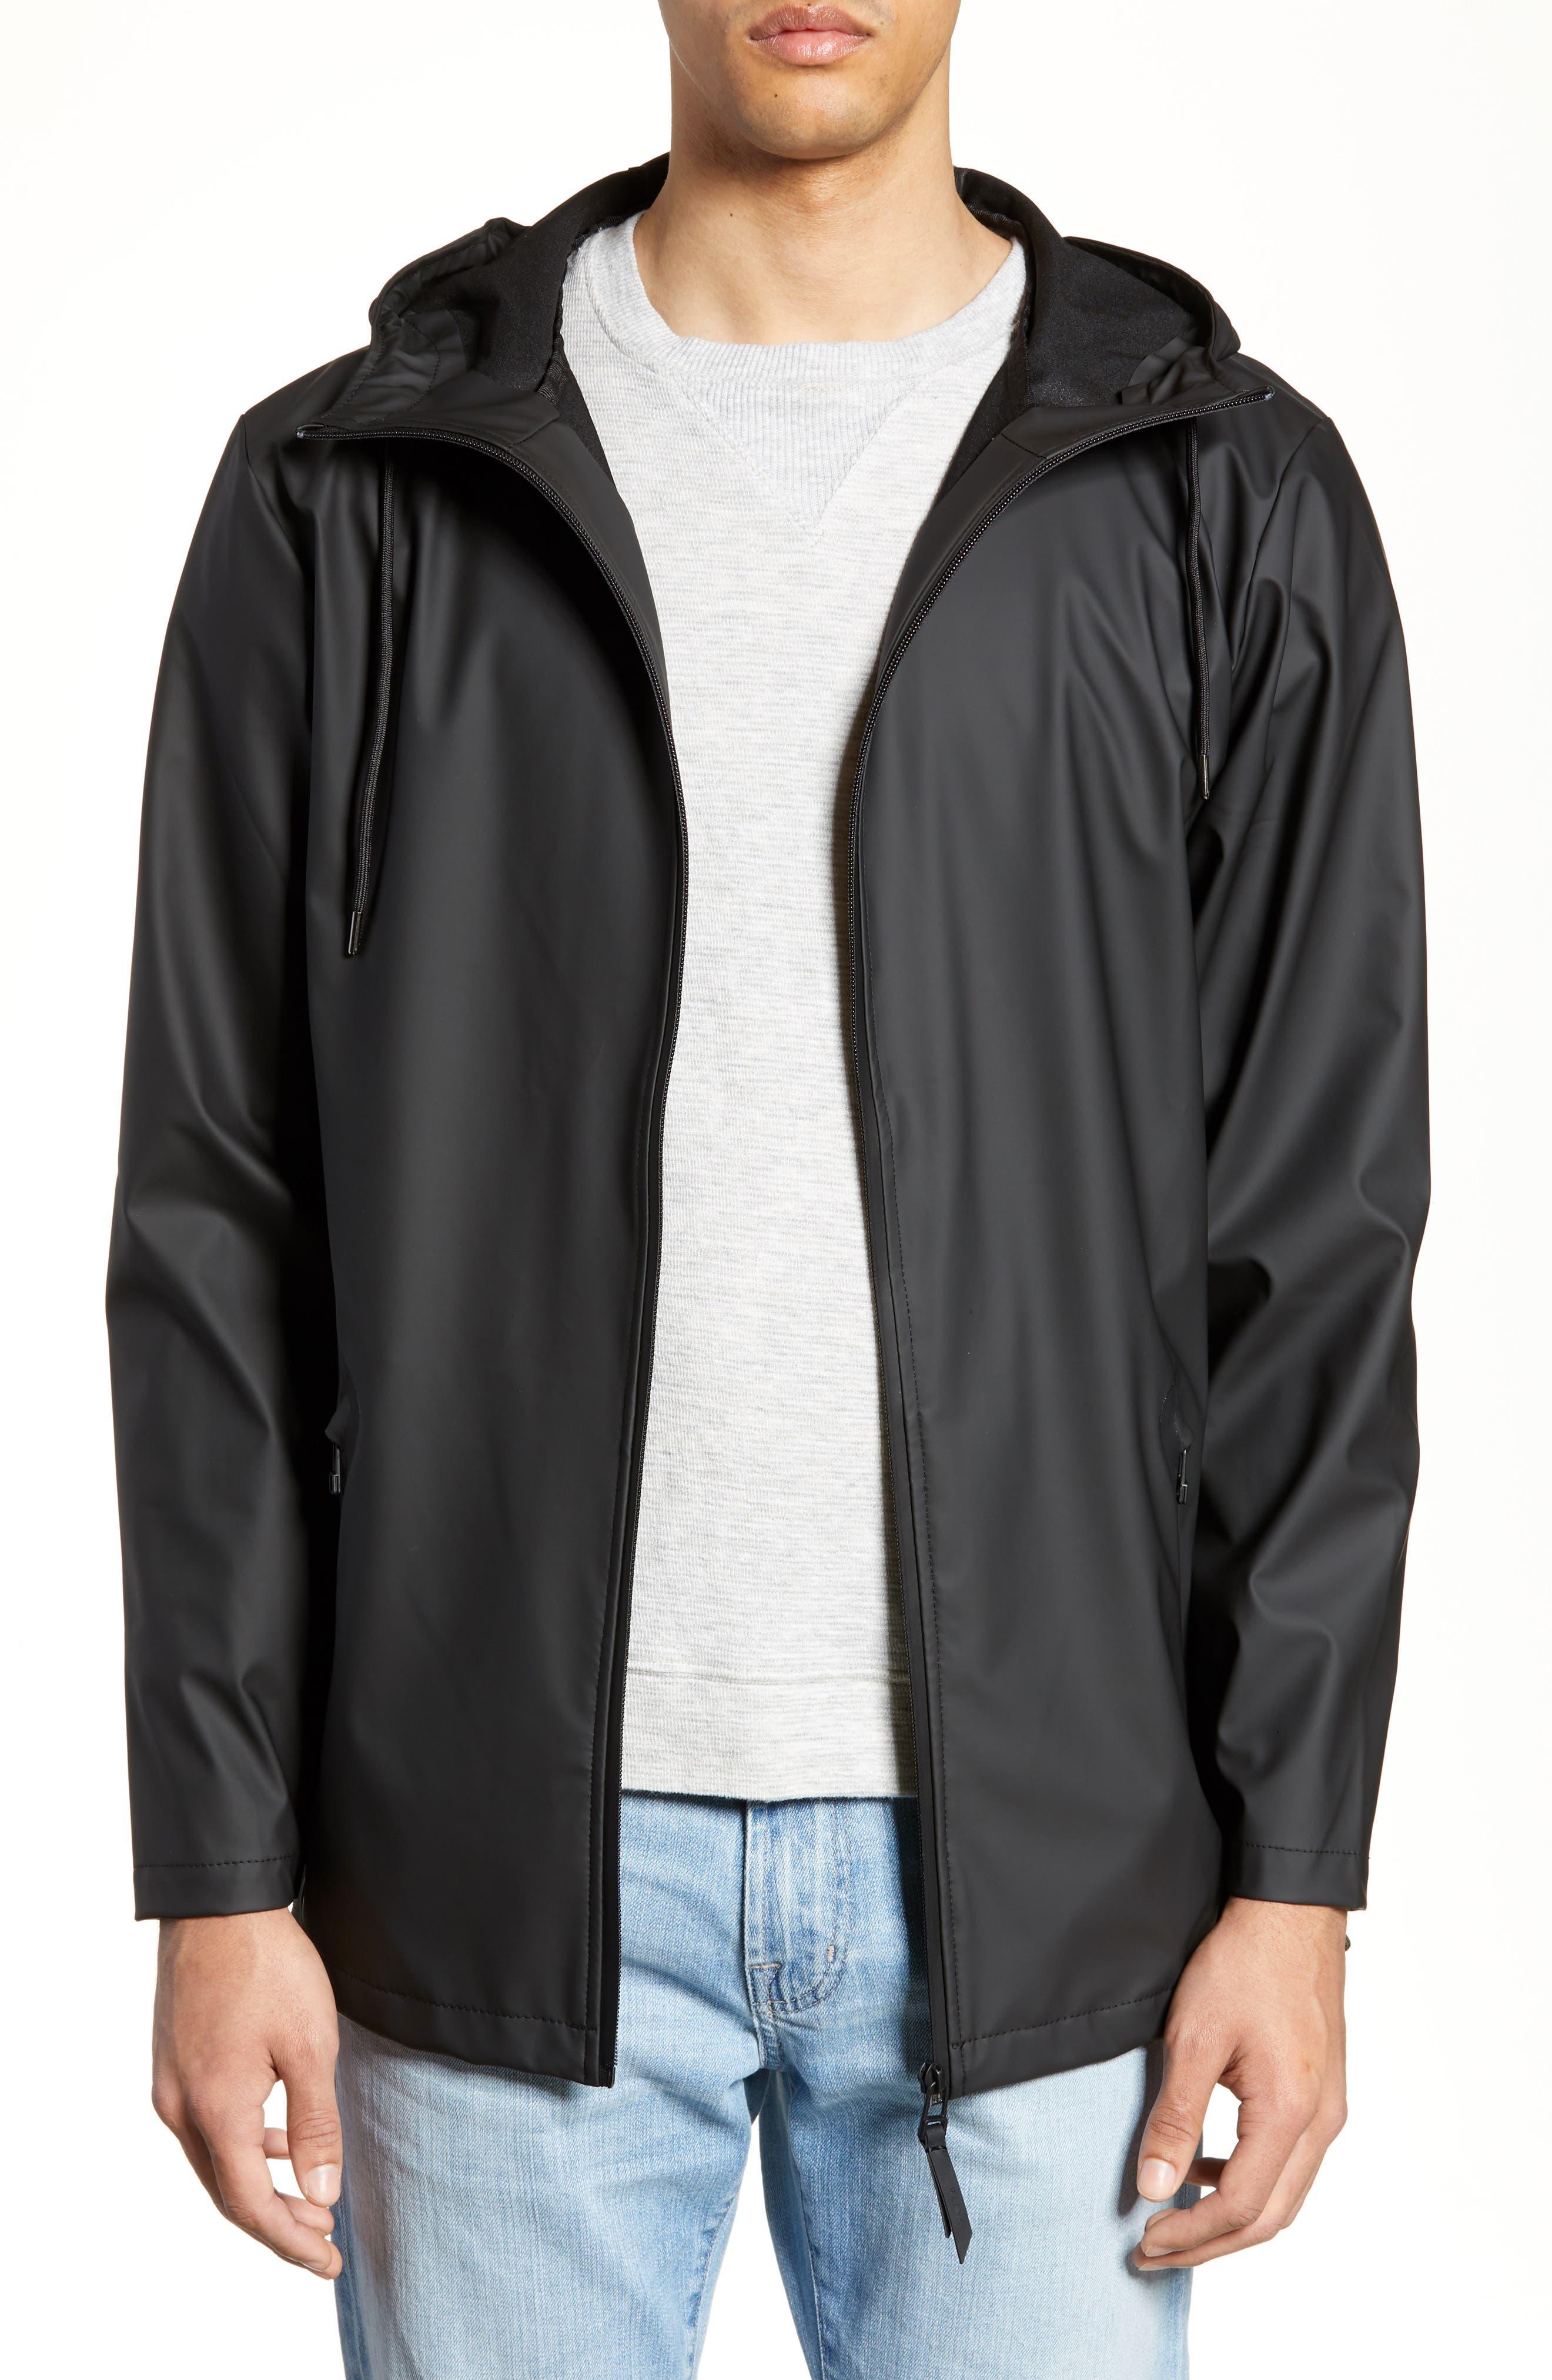 Rains Breaker Water Resistant Jacket, Black